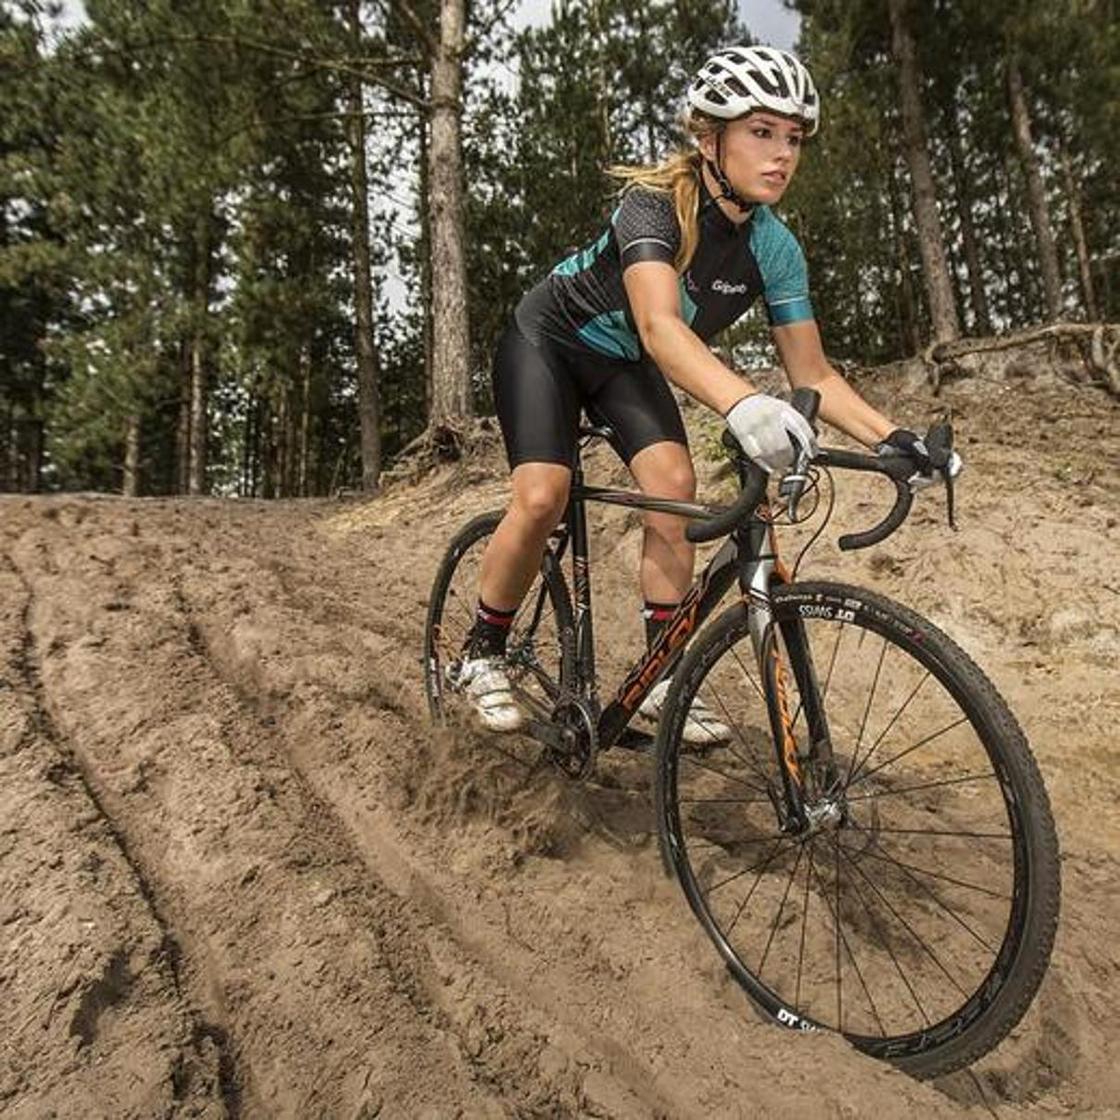 Голландиялық велосипедші қыздың сұлулығы әлемді таң қалдыруда